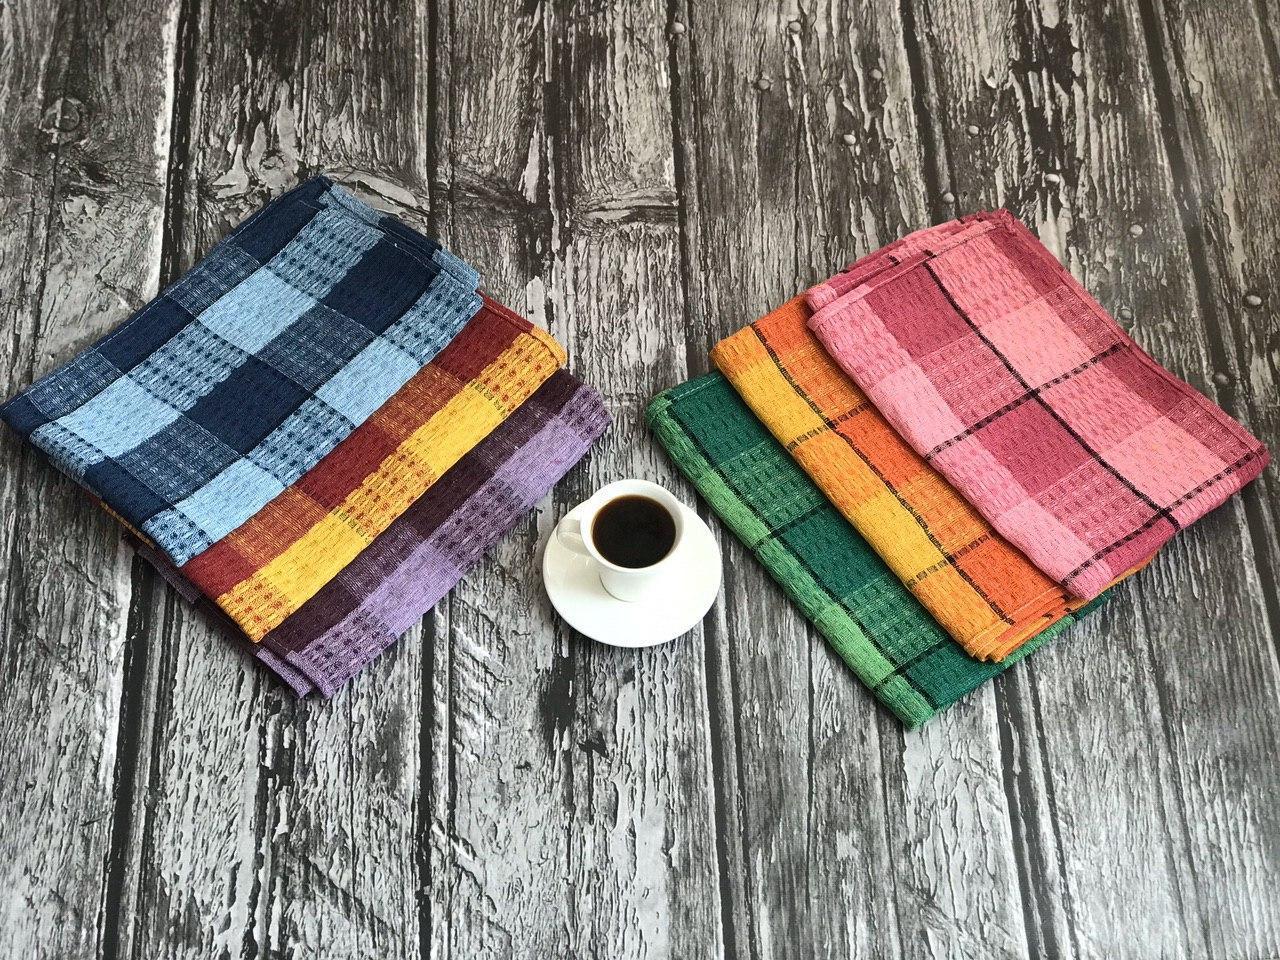 Кухонные полотенца (12 шт.)